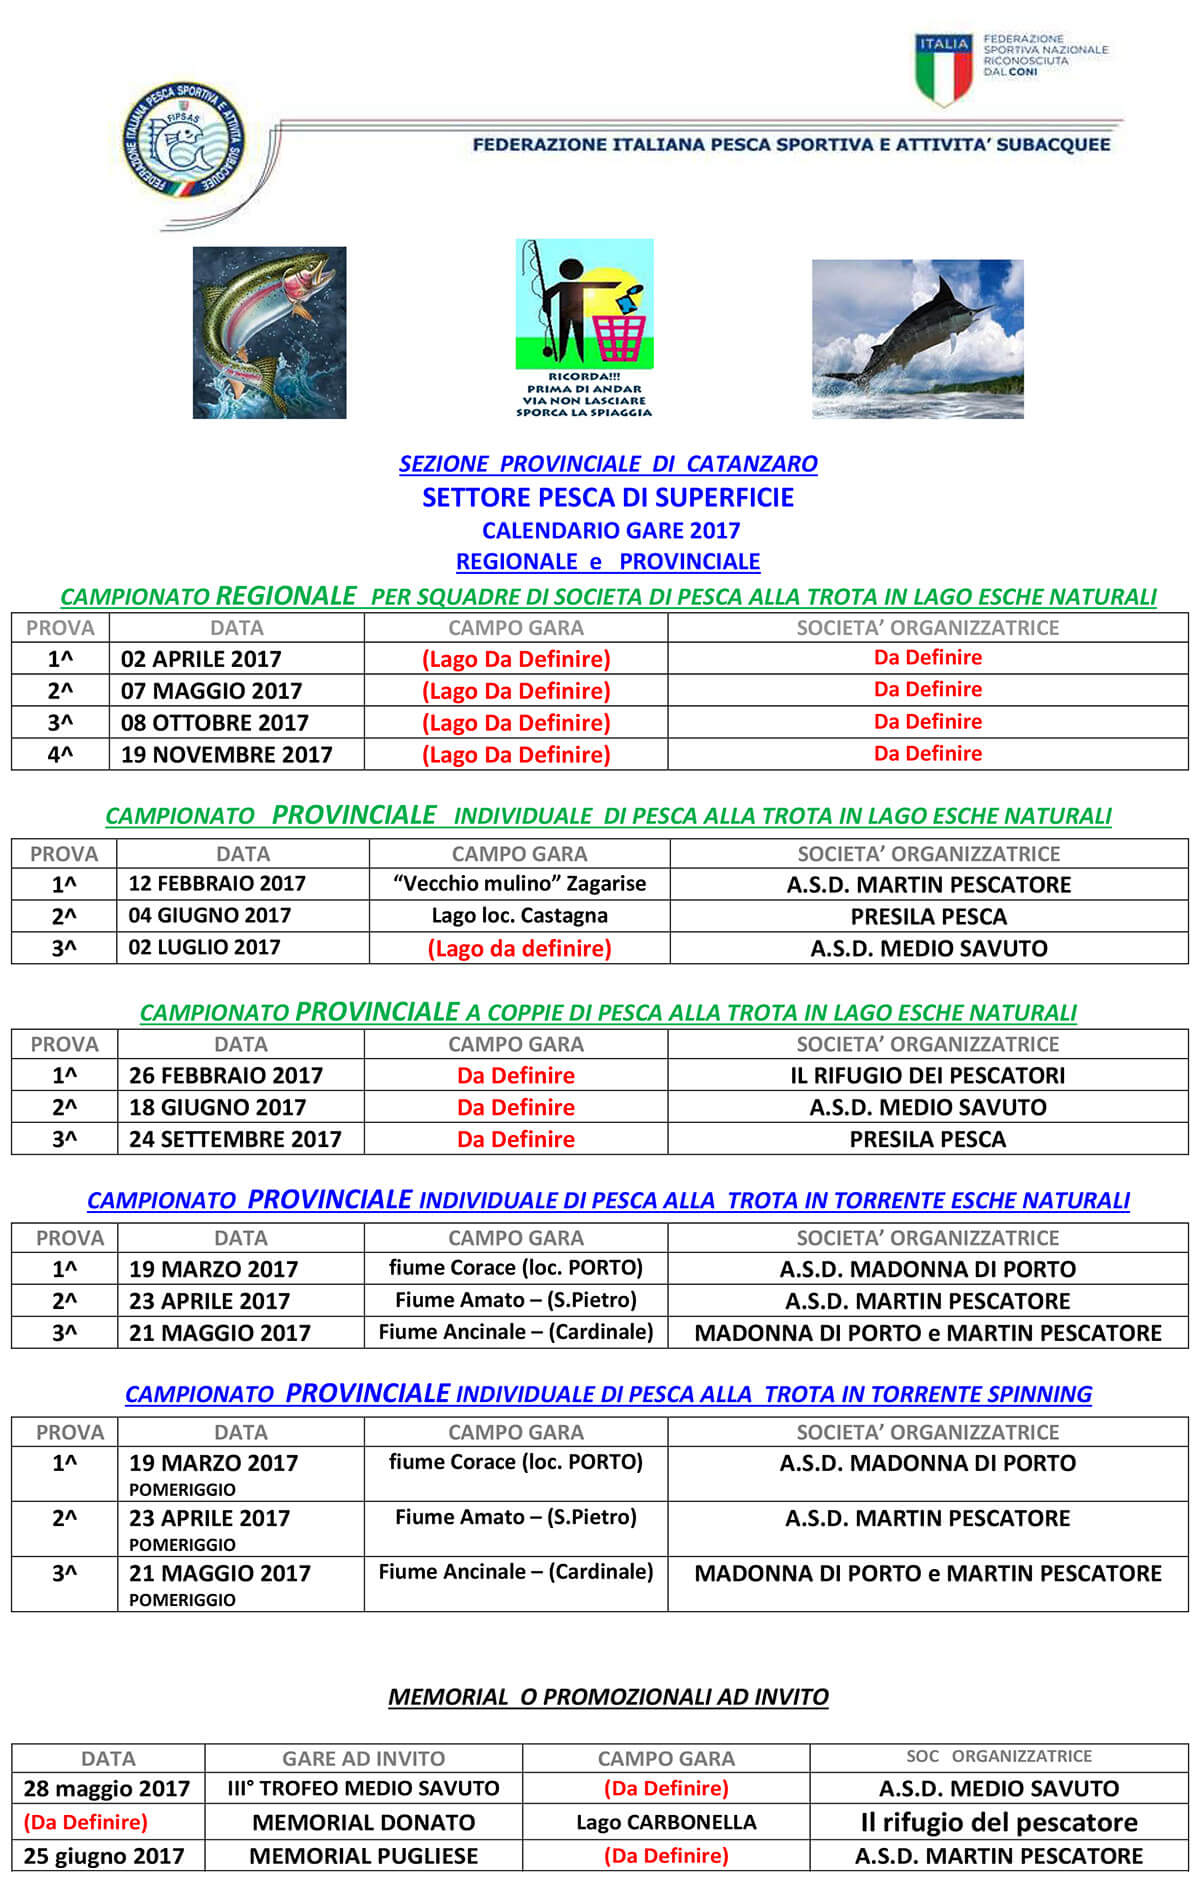 Calendario Gare Pesca trota 2017 Catanzaro